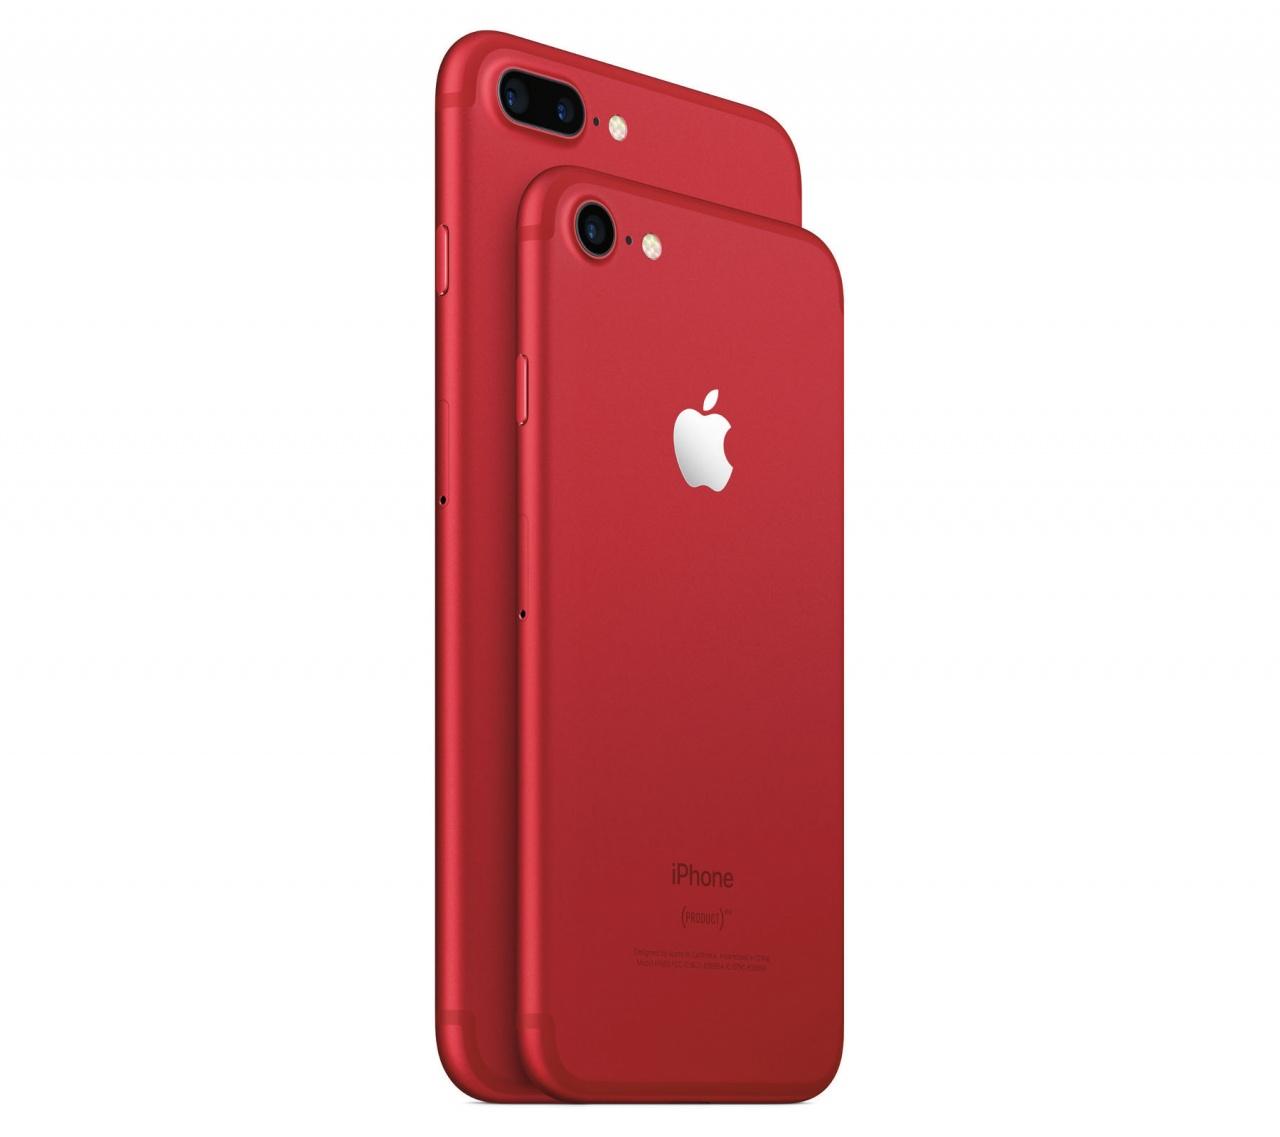 (PRODUCT)RED版本的iPhone包括iPhone 7及iPhone 7 Plus,機背Apple標誌以銀色處理,記者自己就比較喜歡之前iPod Touch版本的閃亮紅色Apple標誌。(Apple)